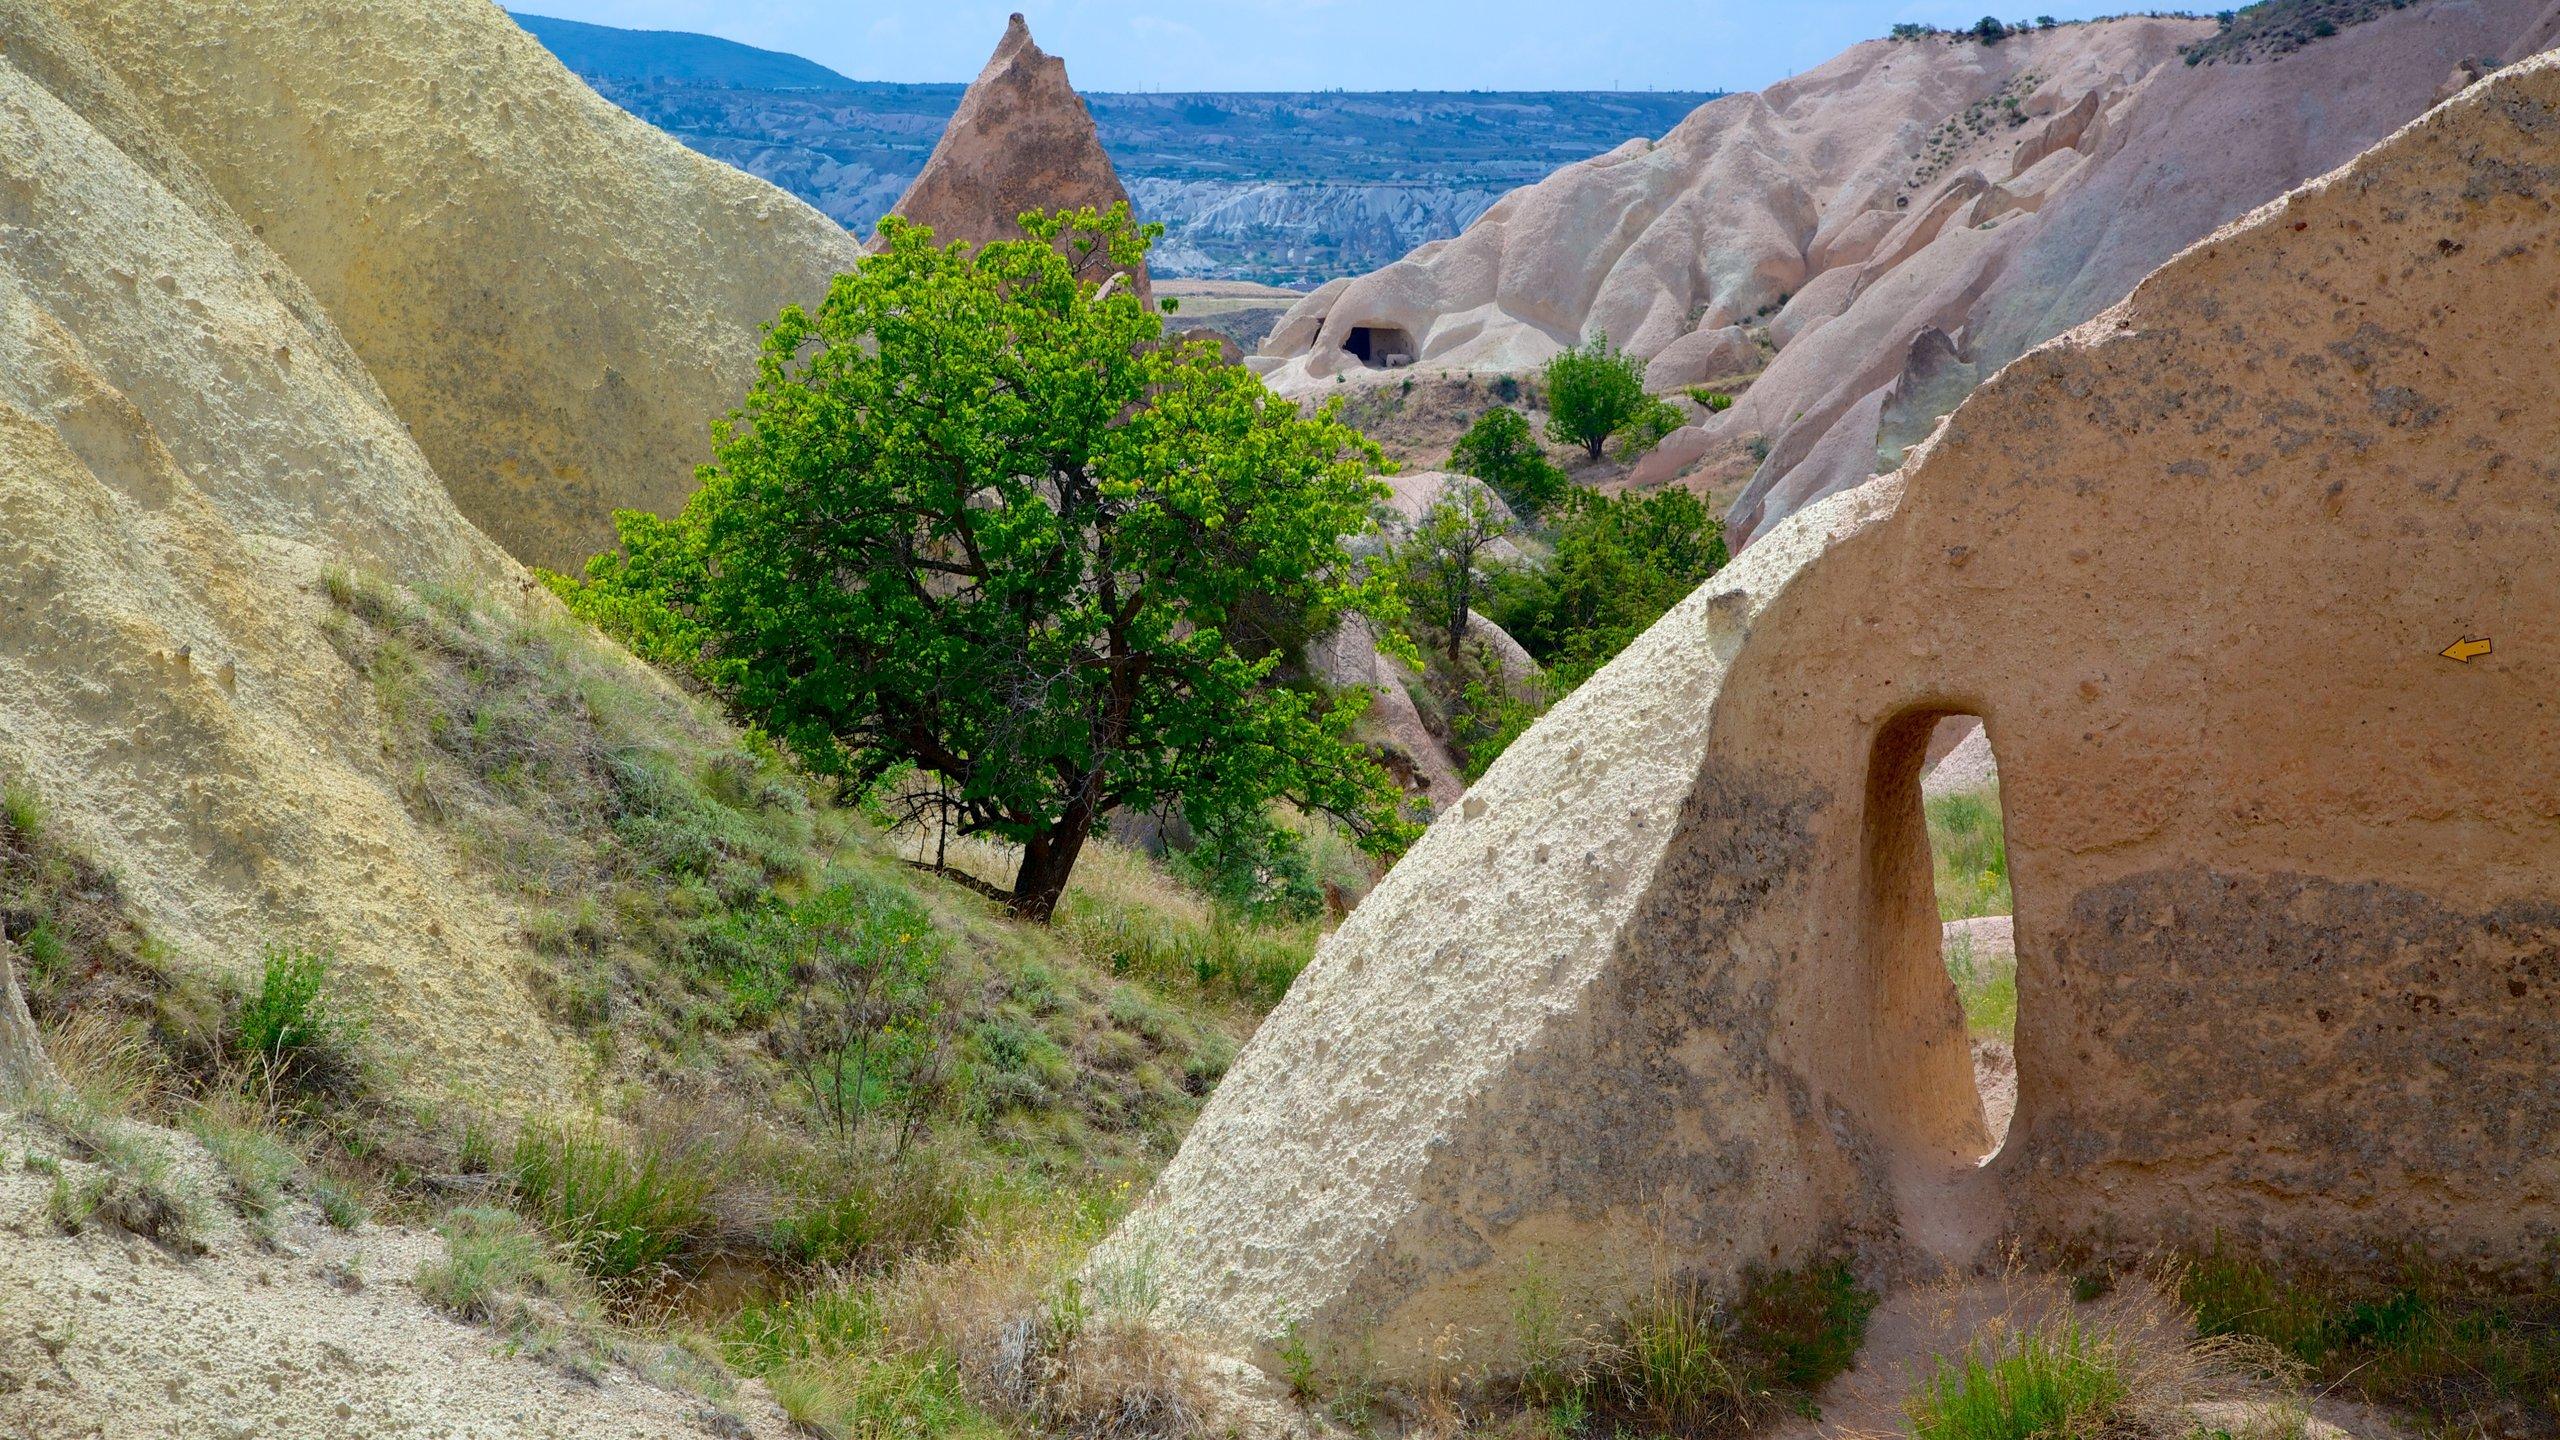 Karmozijnrode rotsen, uitgehouwen kerken en historische duivenhokken vormen de inspirerende panorama's en fotomogelijkheden langs deze indrukwekkende wandelroute.